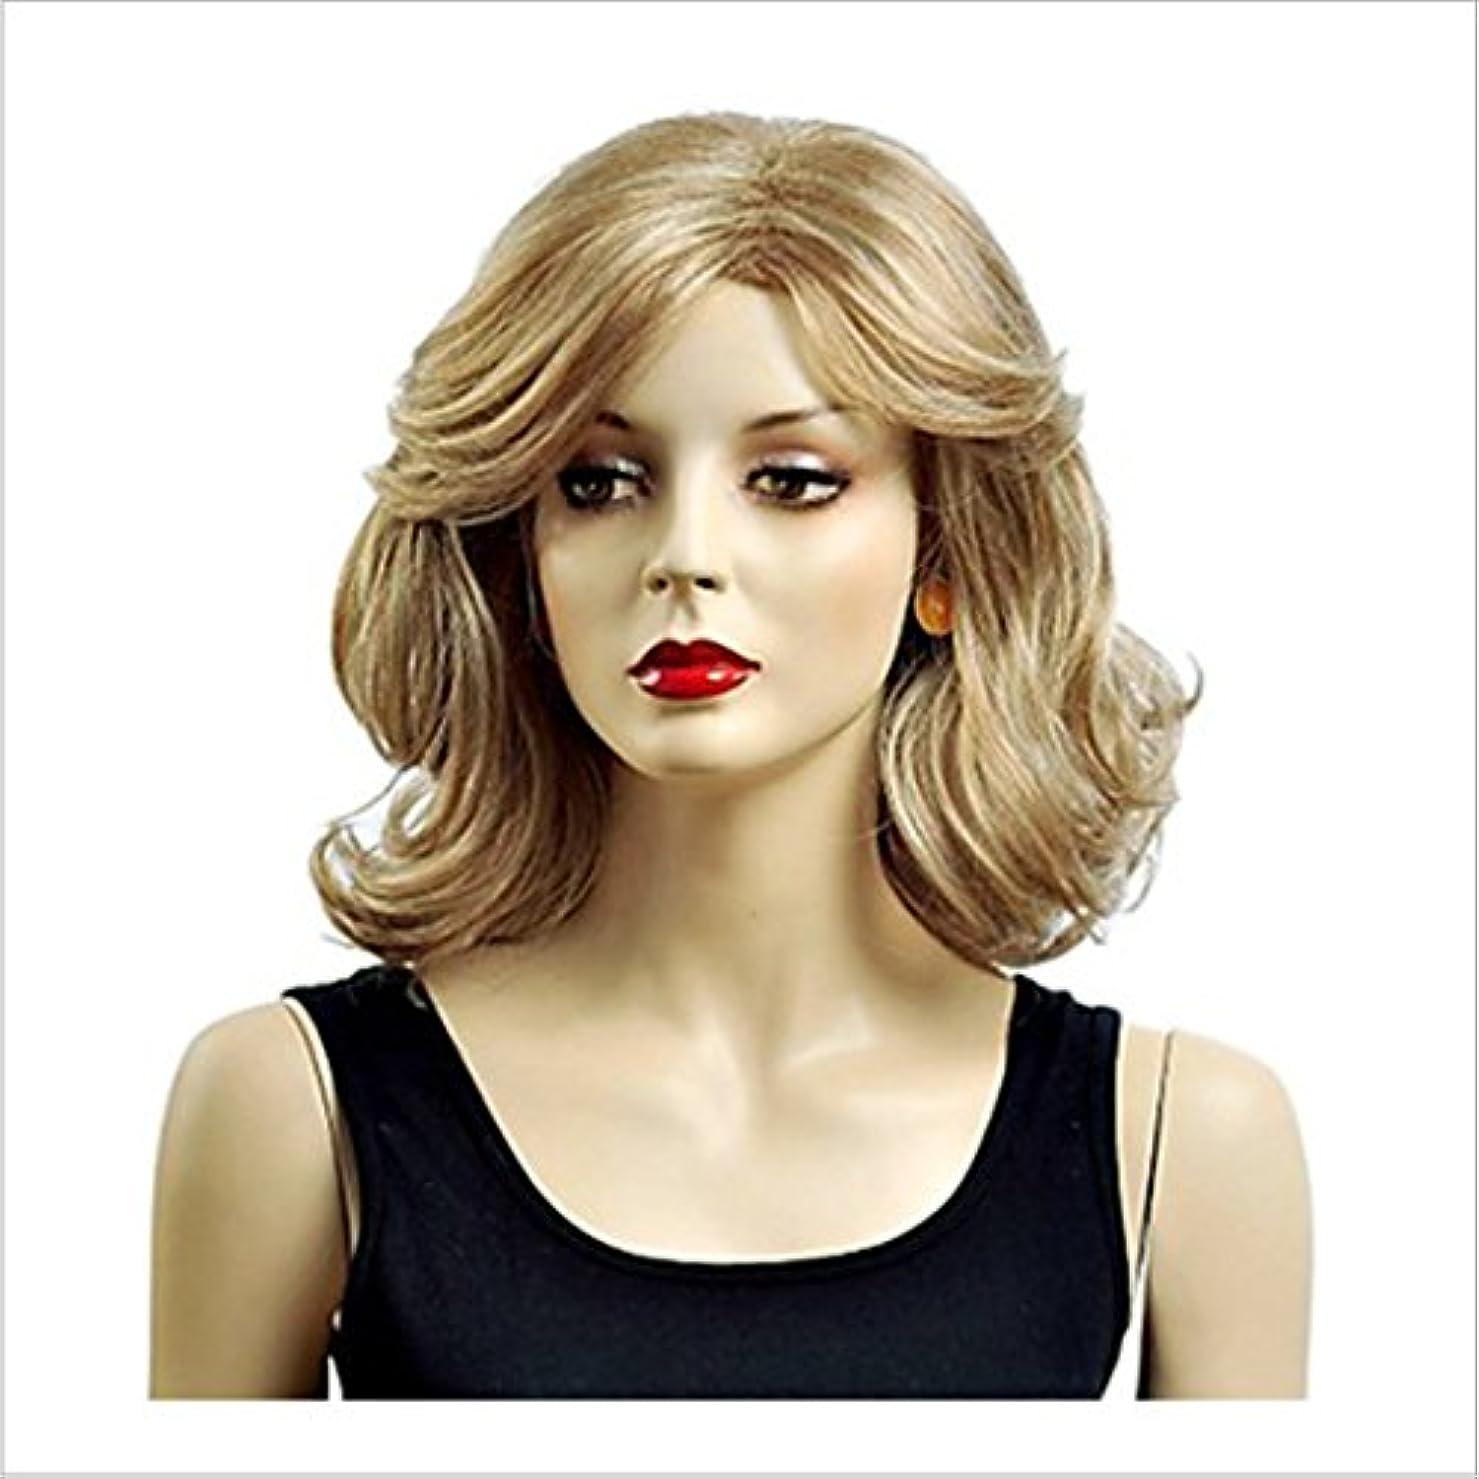 減衰コードレス放送YOUQIU スプリット前髪16で耐性ホワイトゴールドの女性のカーリーウィッグショートふわふわ波状人工毛自然なカーリーウィッグデイリーウィッグ耐熱ウィッグのために「」180グラム(ゴールド)ウィッグ (色 : ゴールド)